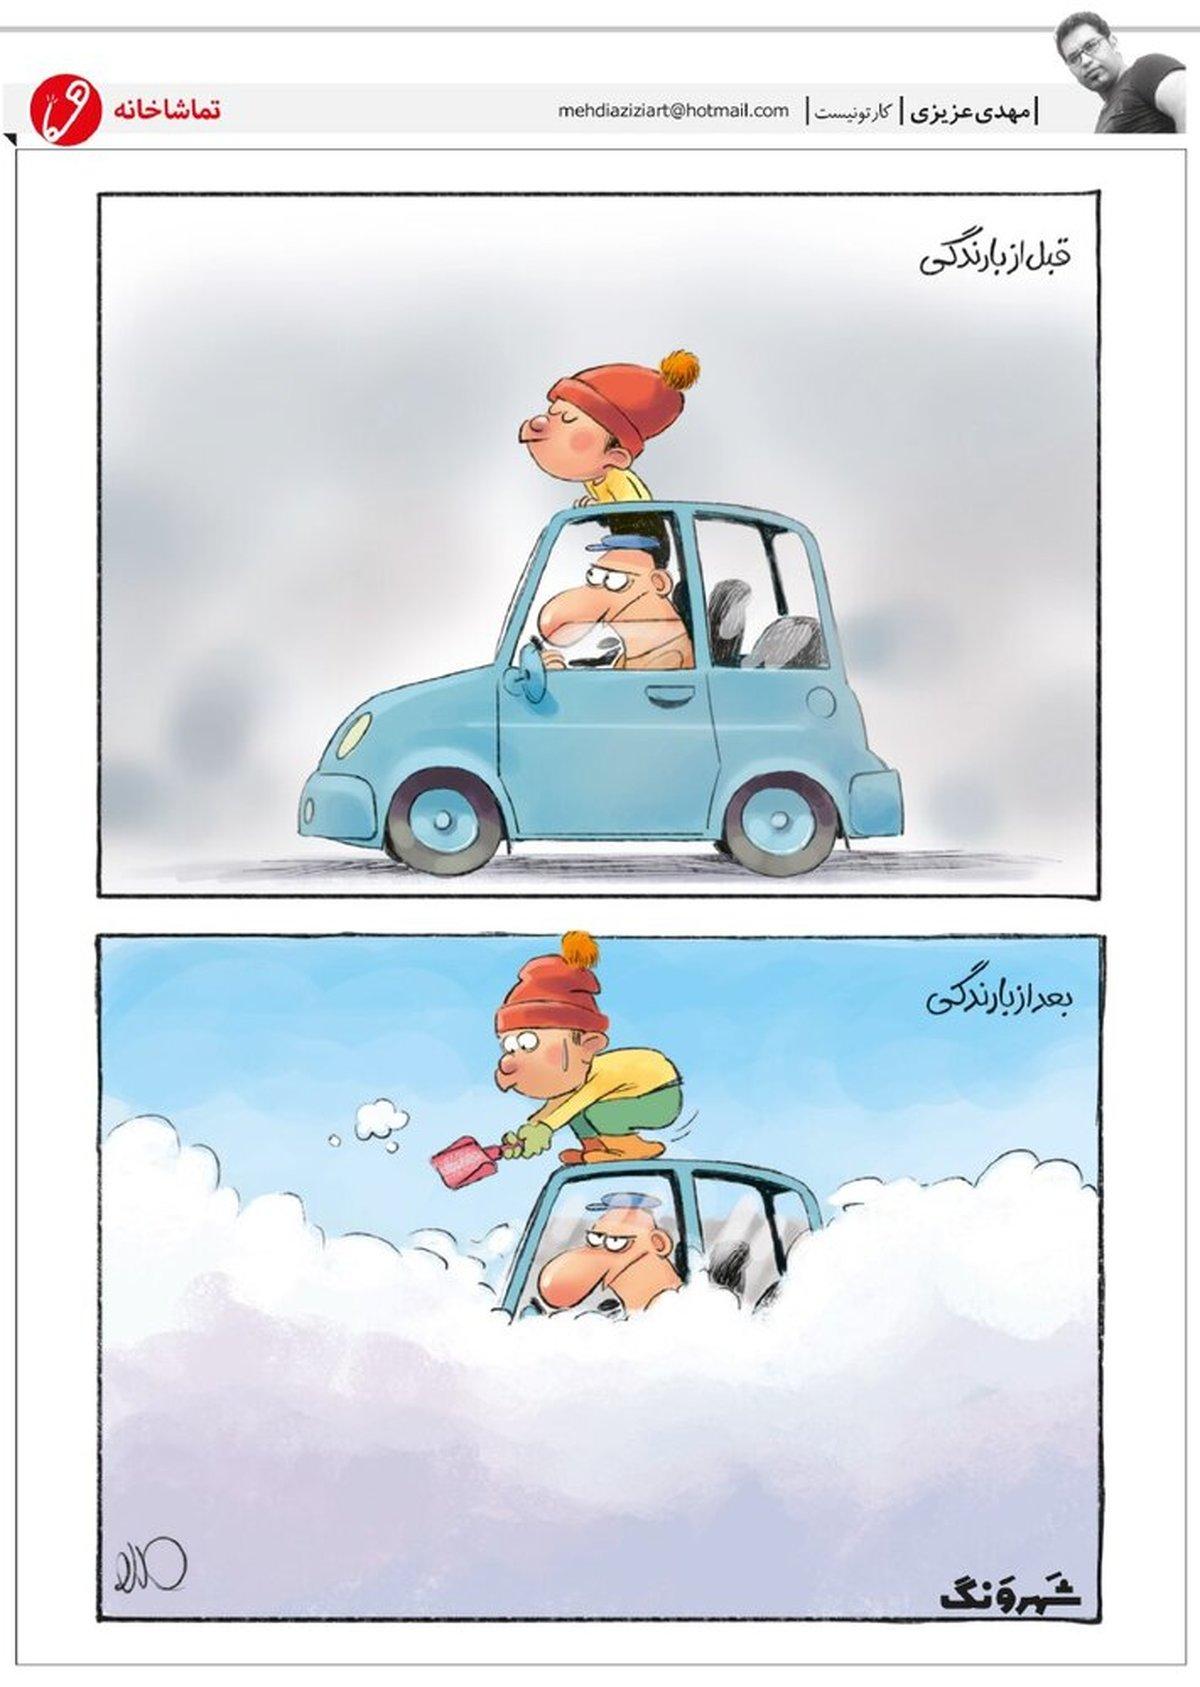 اینم وضعیت زندگی ما توی تهران!